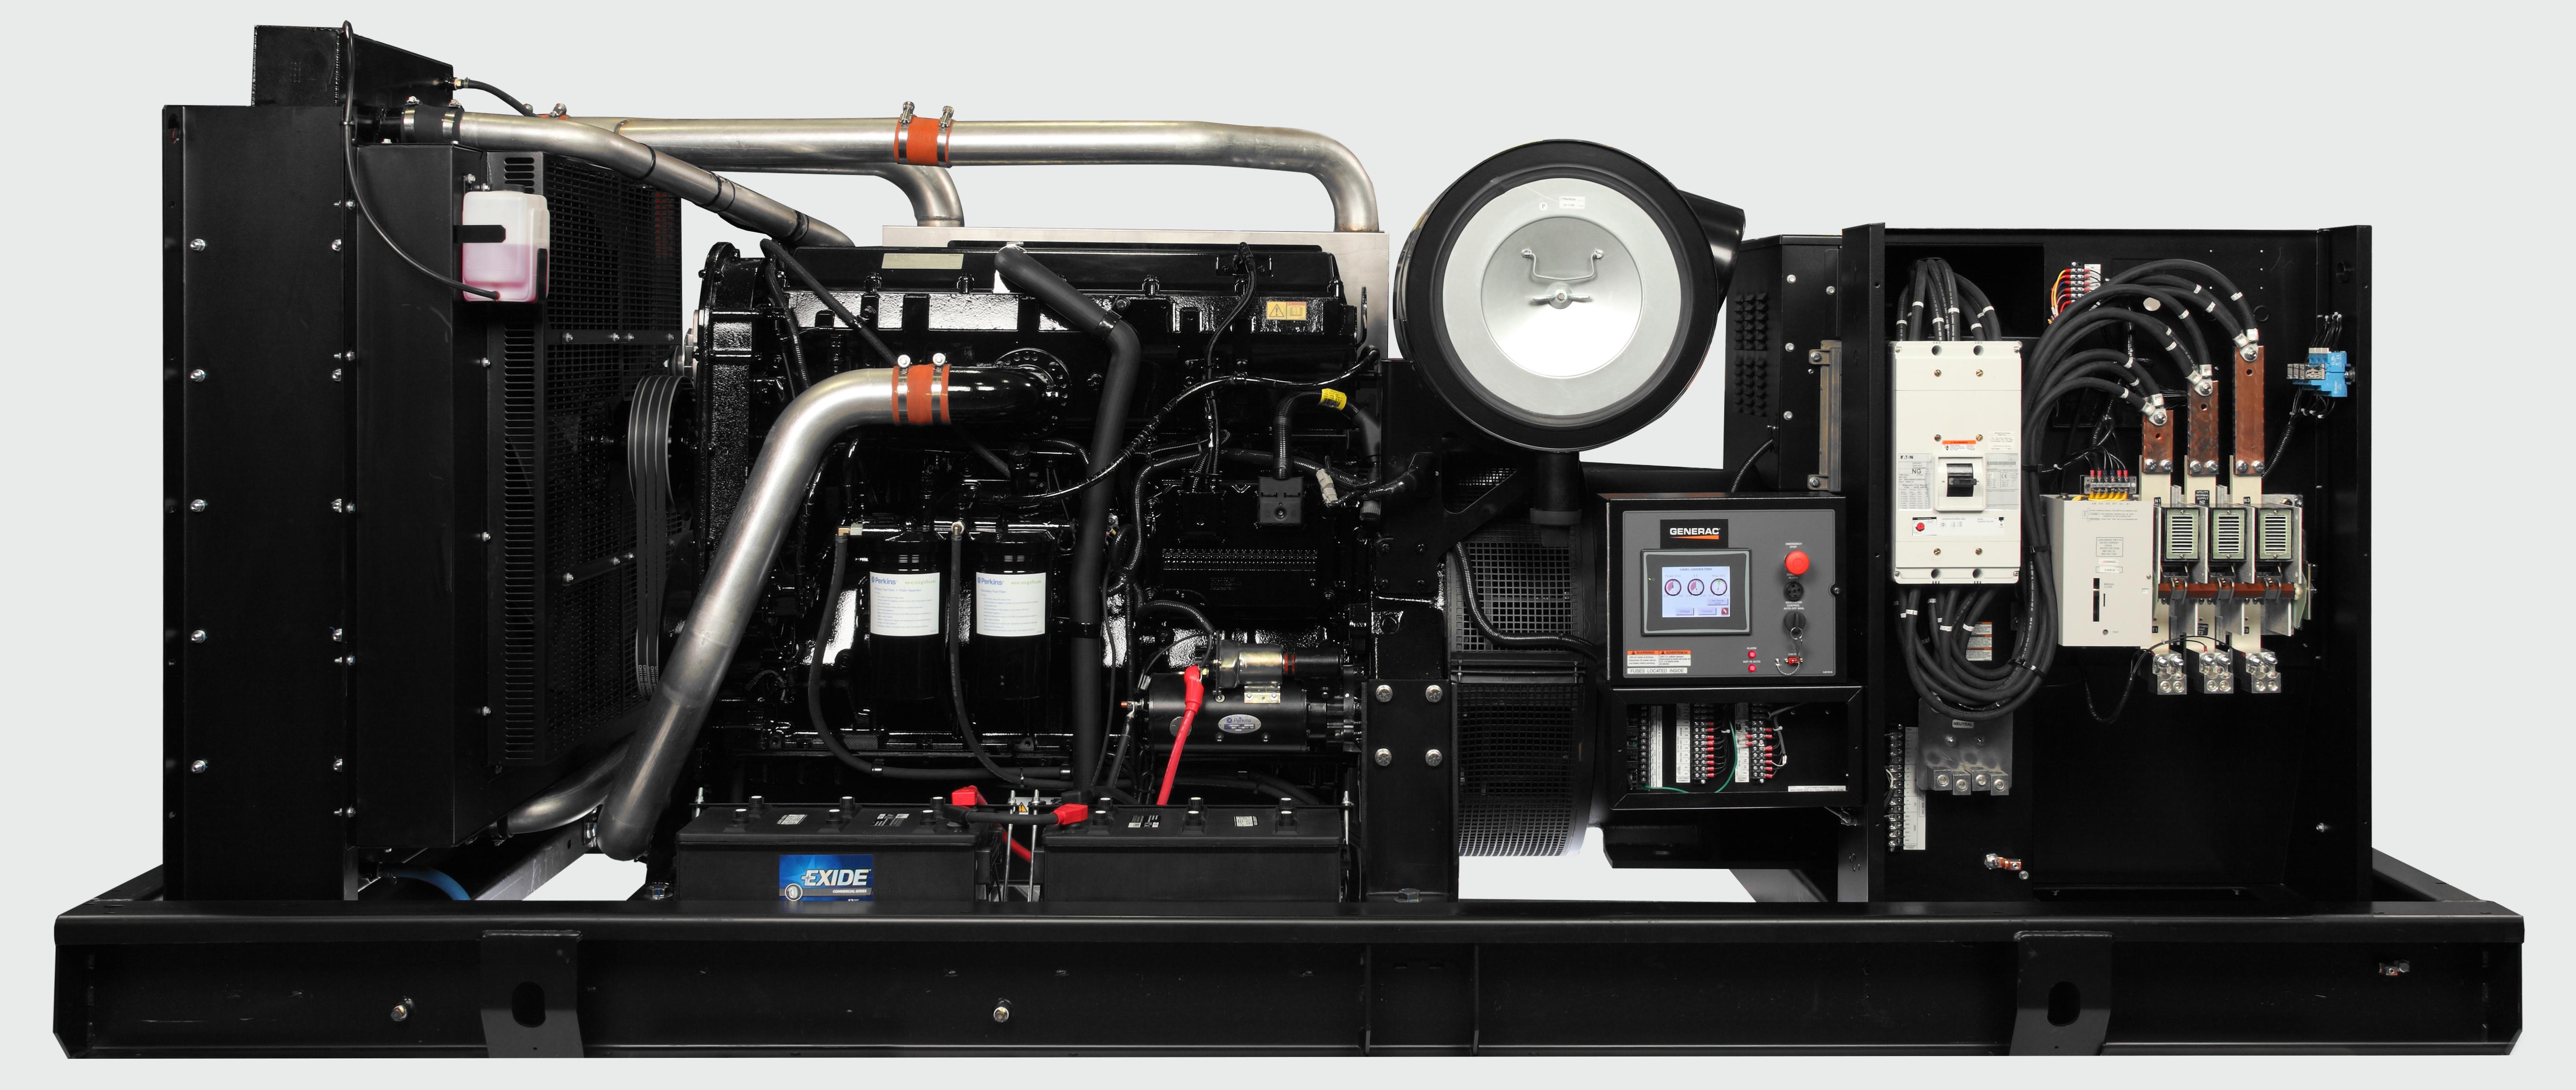 Engine 400-600kW